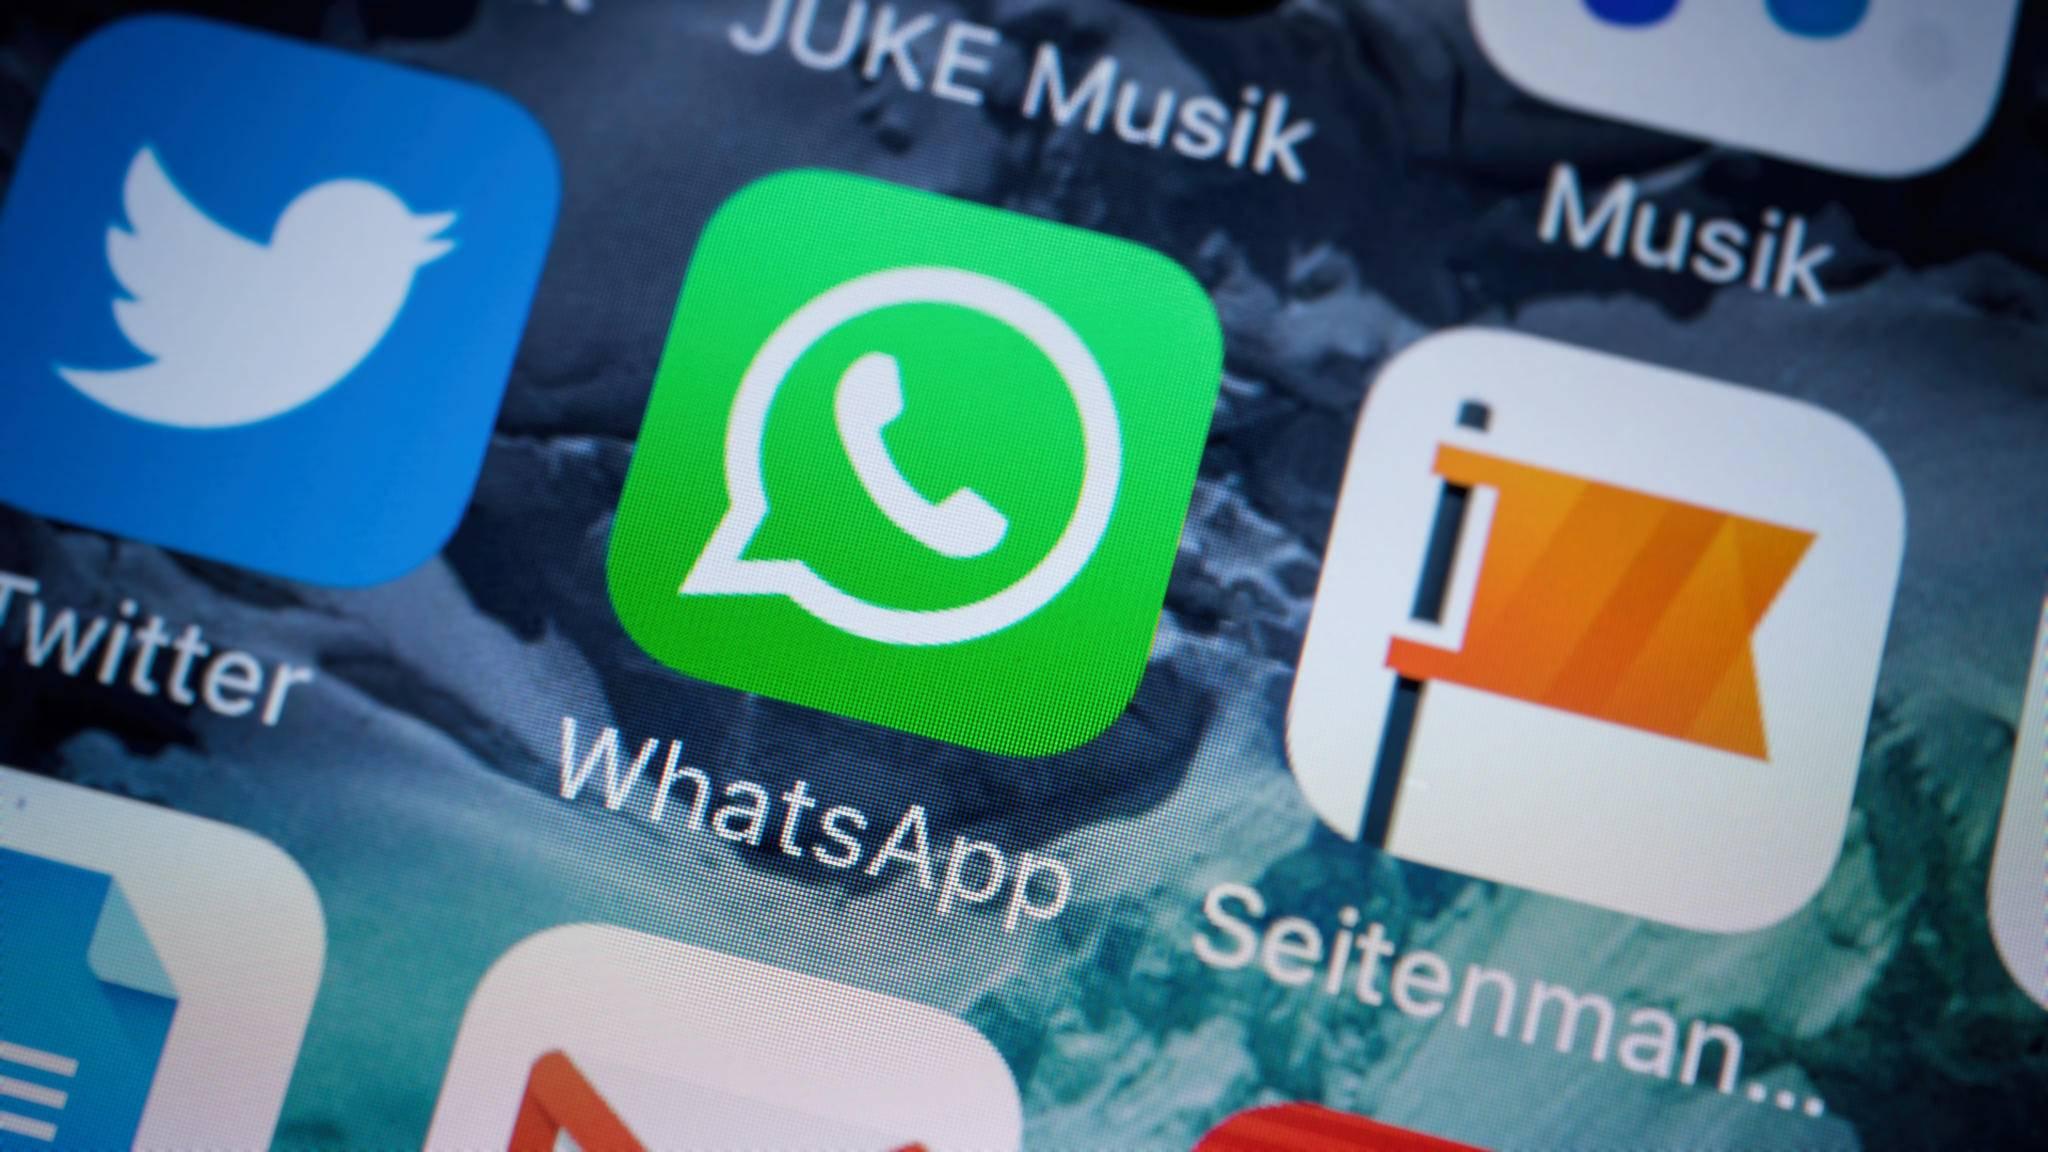 Whatsapp Daten Auf Sd Karte.Whatsapp Chat Wiederherstellen So Bekommst Du Nachrichten Zurück